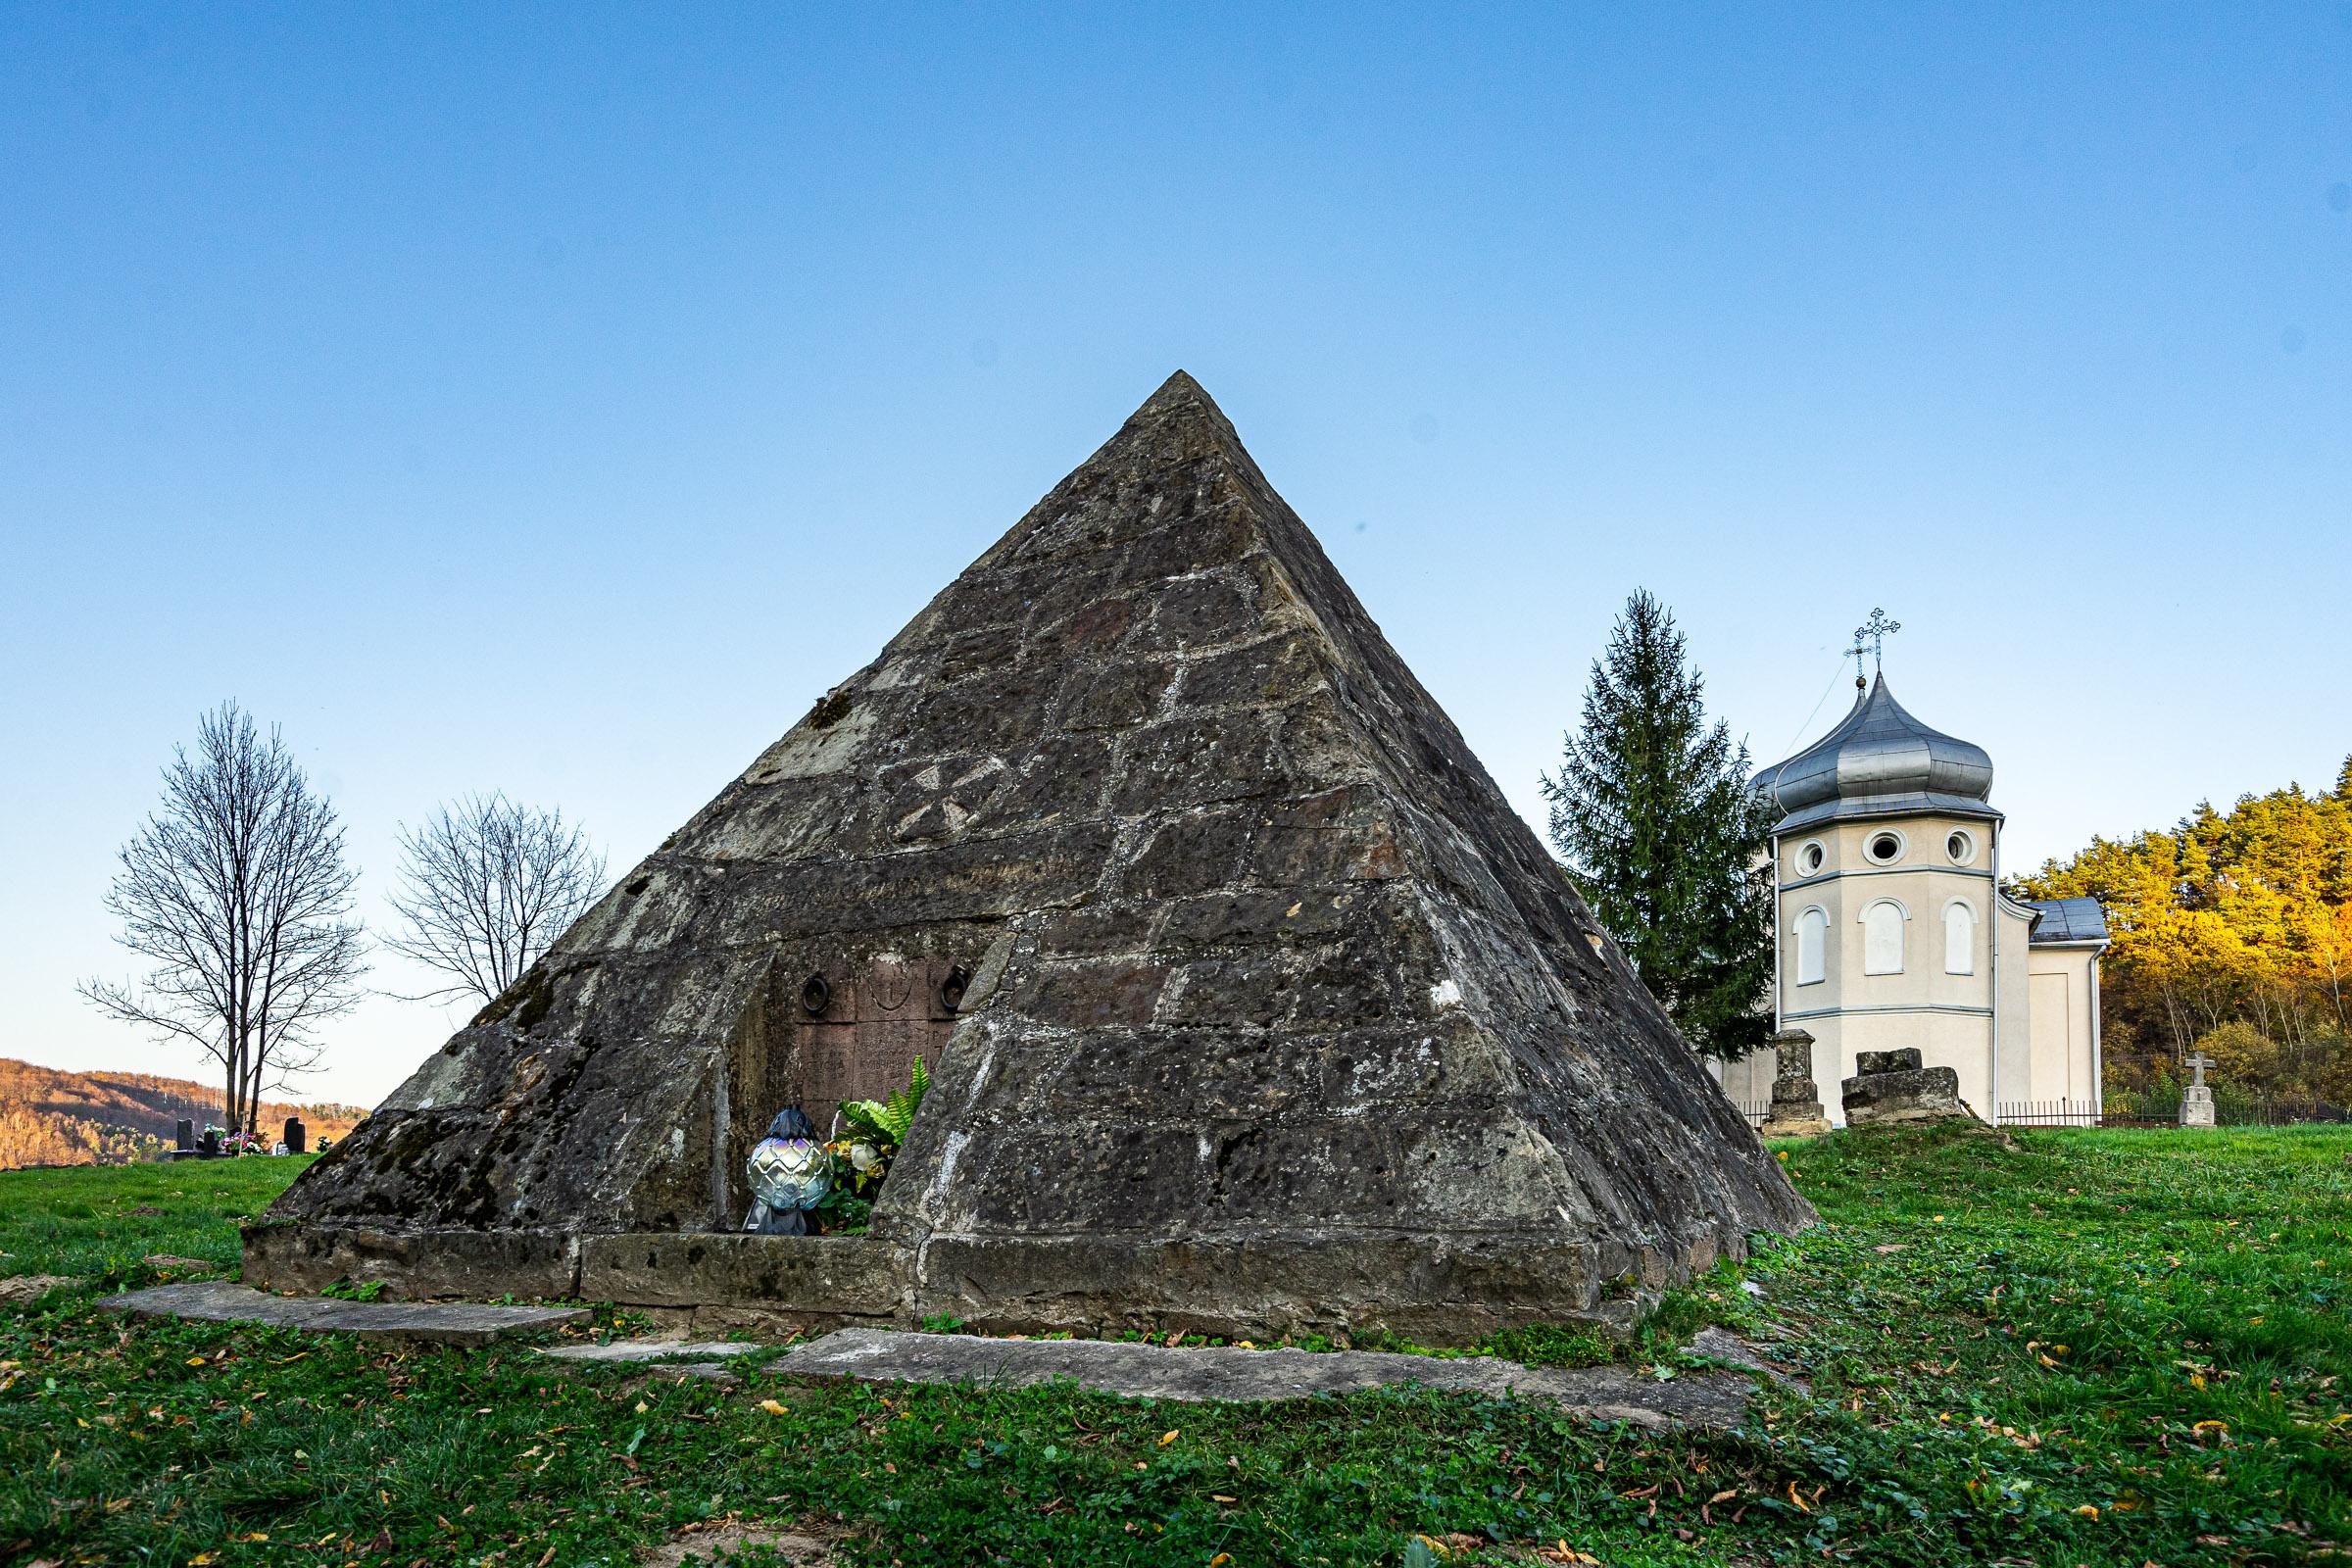 Piramida w Międzybrodziu